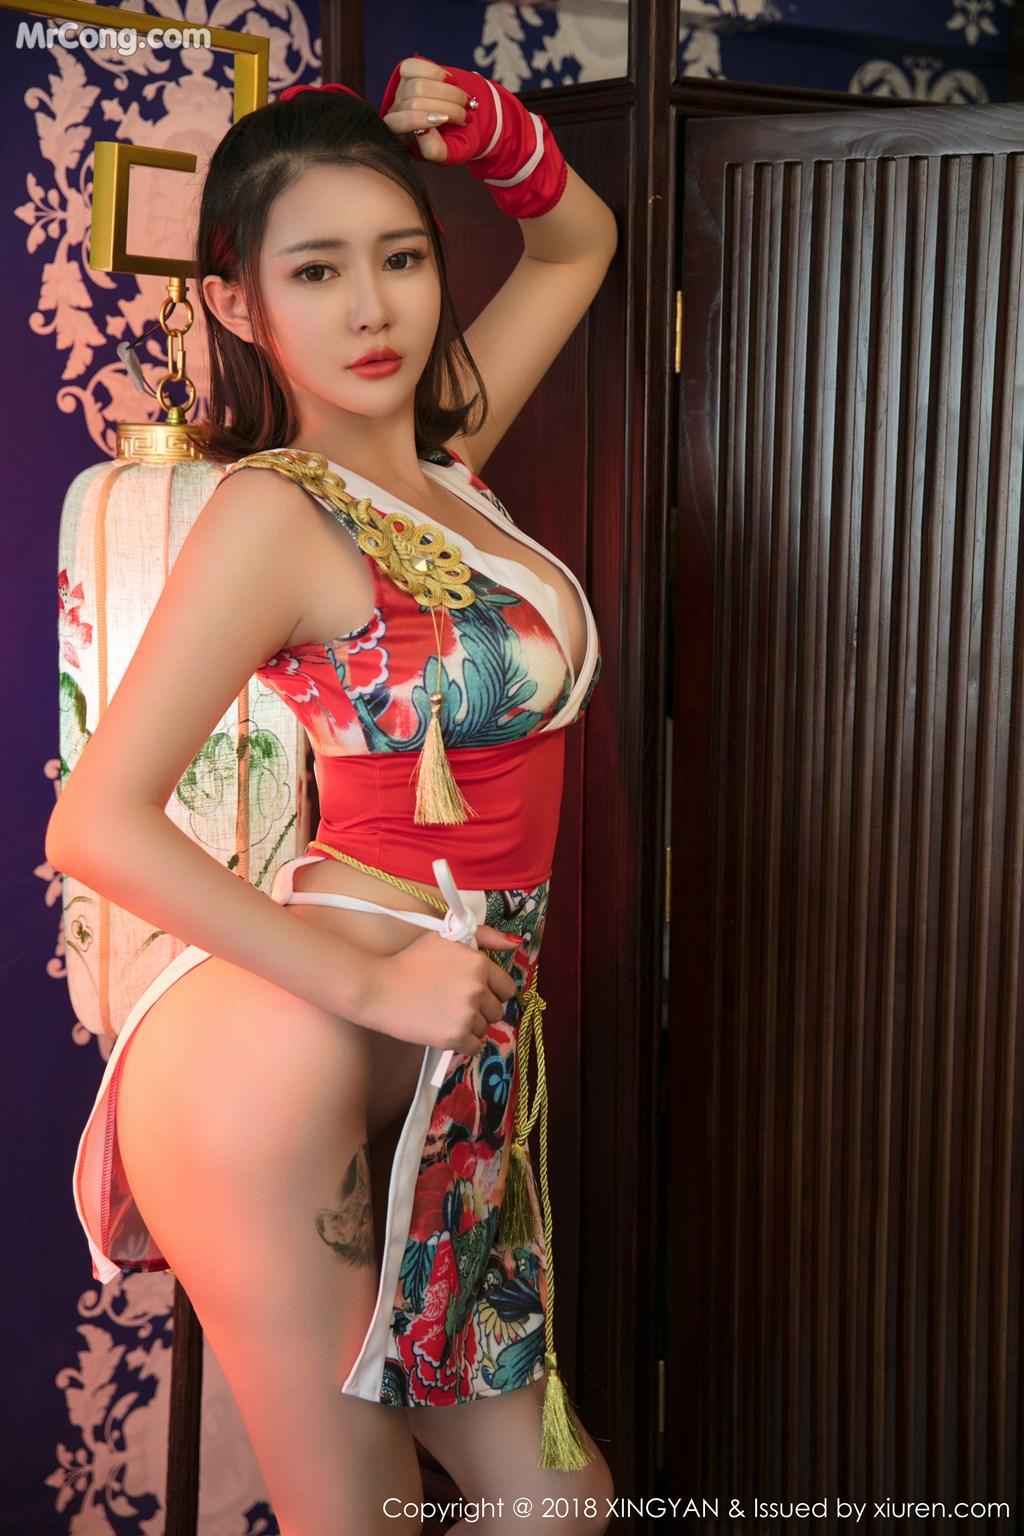 Image XingYan-Vol.028-MrCong.com-007 in post XingYan Vol.028: Người mẫu 廿十 (41 ảnh)